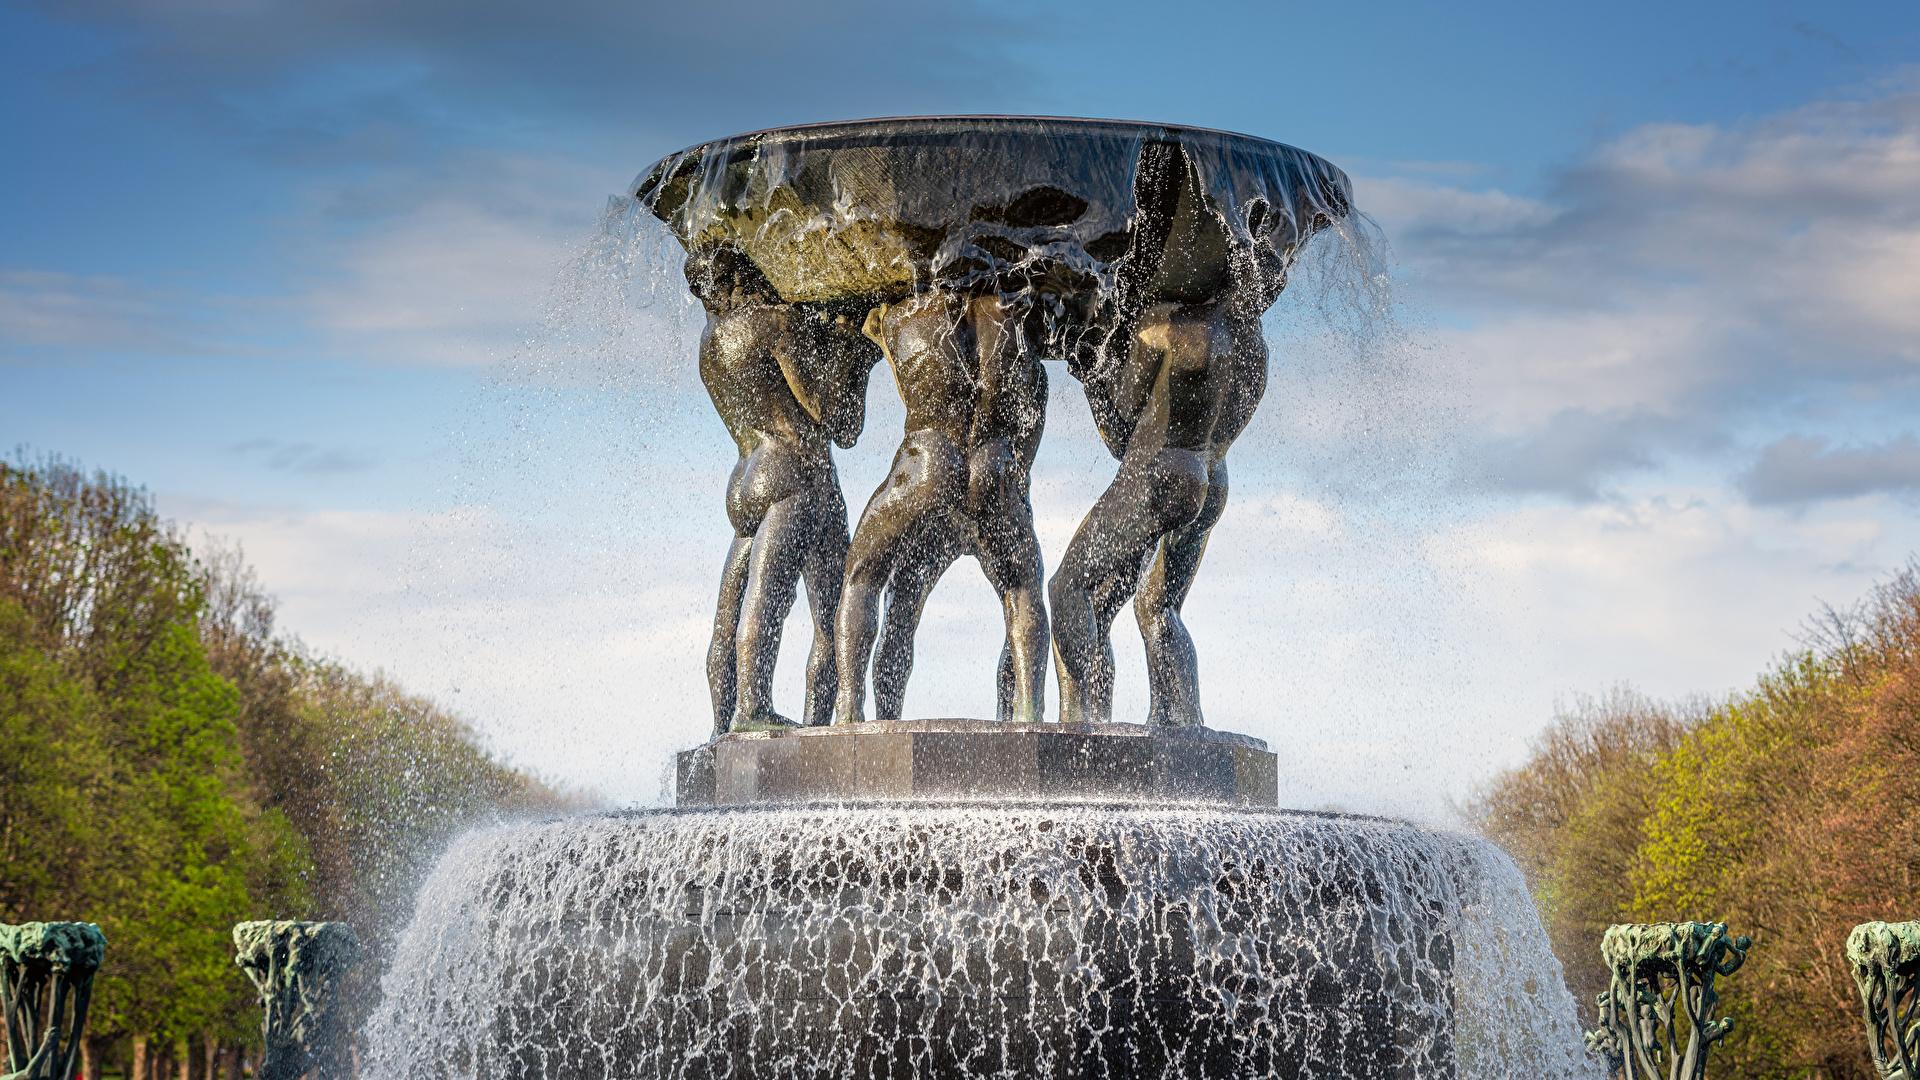 Обои для рабочего стола Города Норвегия Фонтаны Fountain in The Vigeland Park Oslo Осло с брызгами Скульптуры 1920x1080 город Брызги скульптура